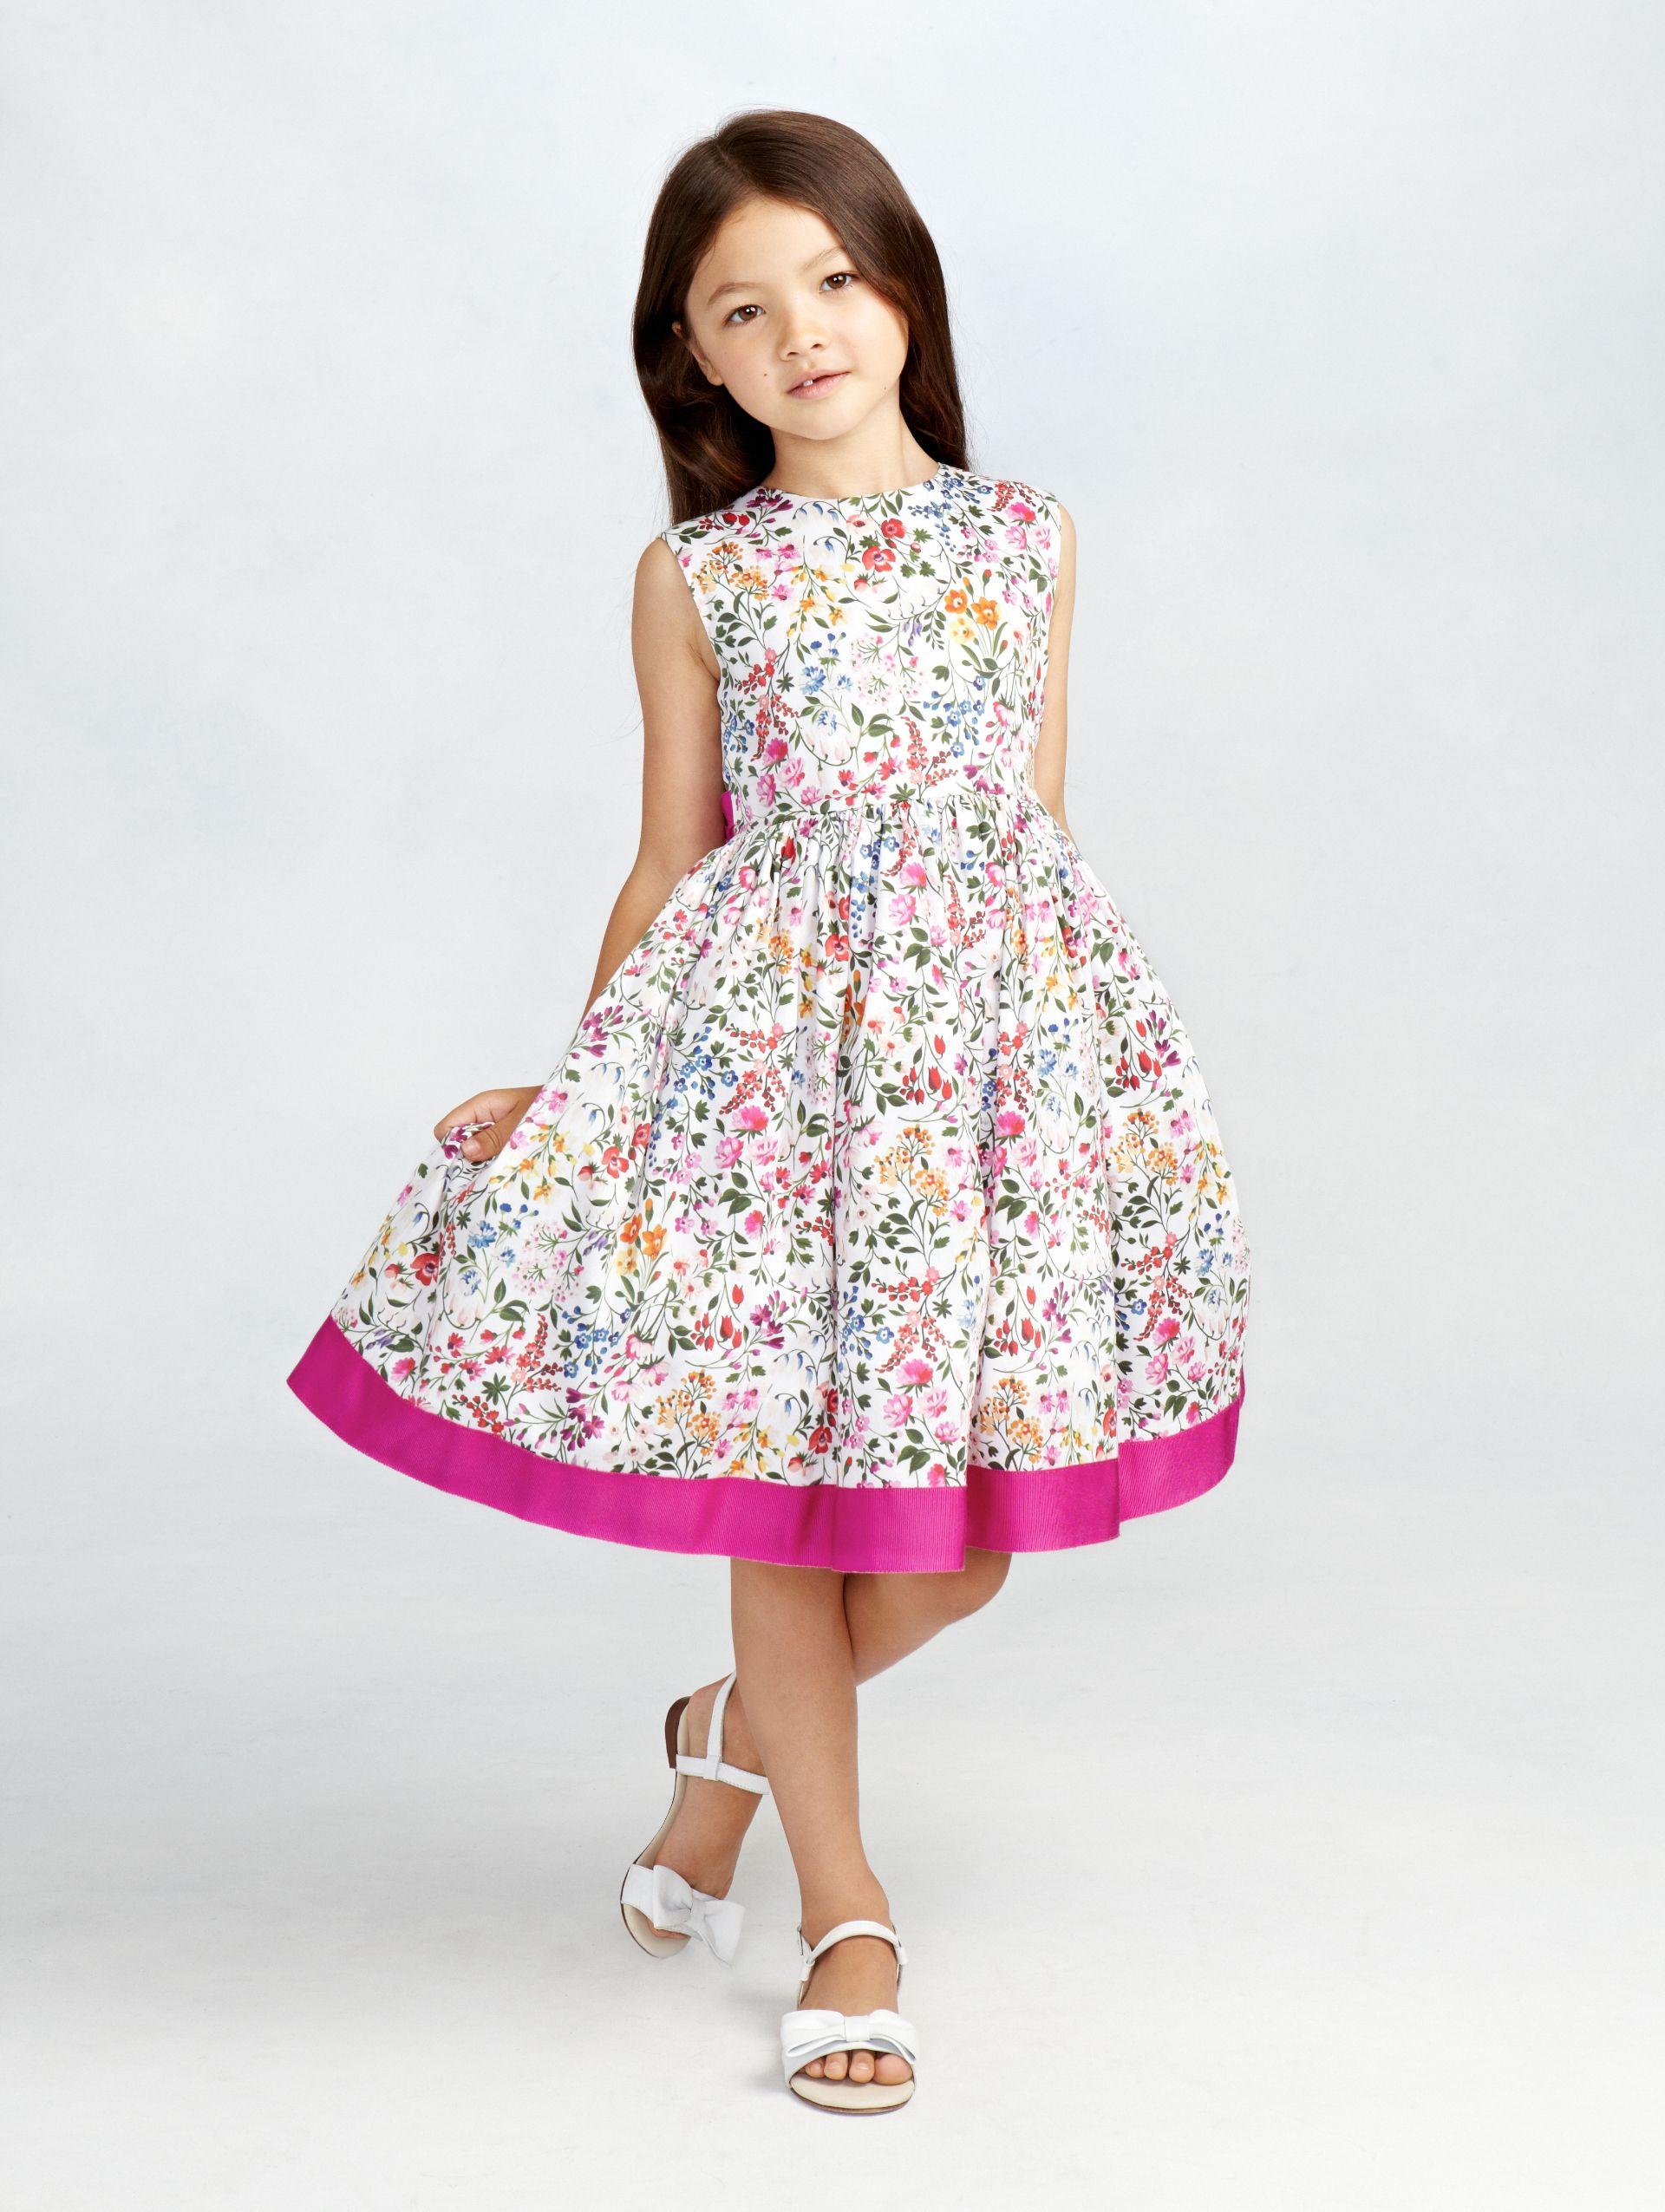 9f7fc97e1eedf curtsy. shop SS15 childrenswear here: www.oscardelarenta.com ...